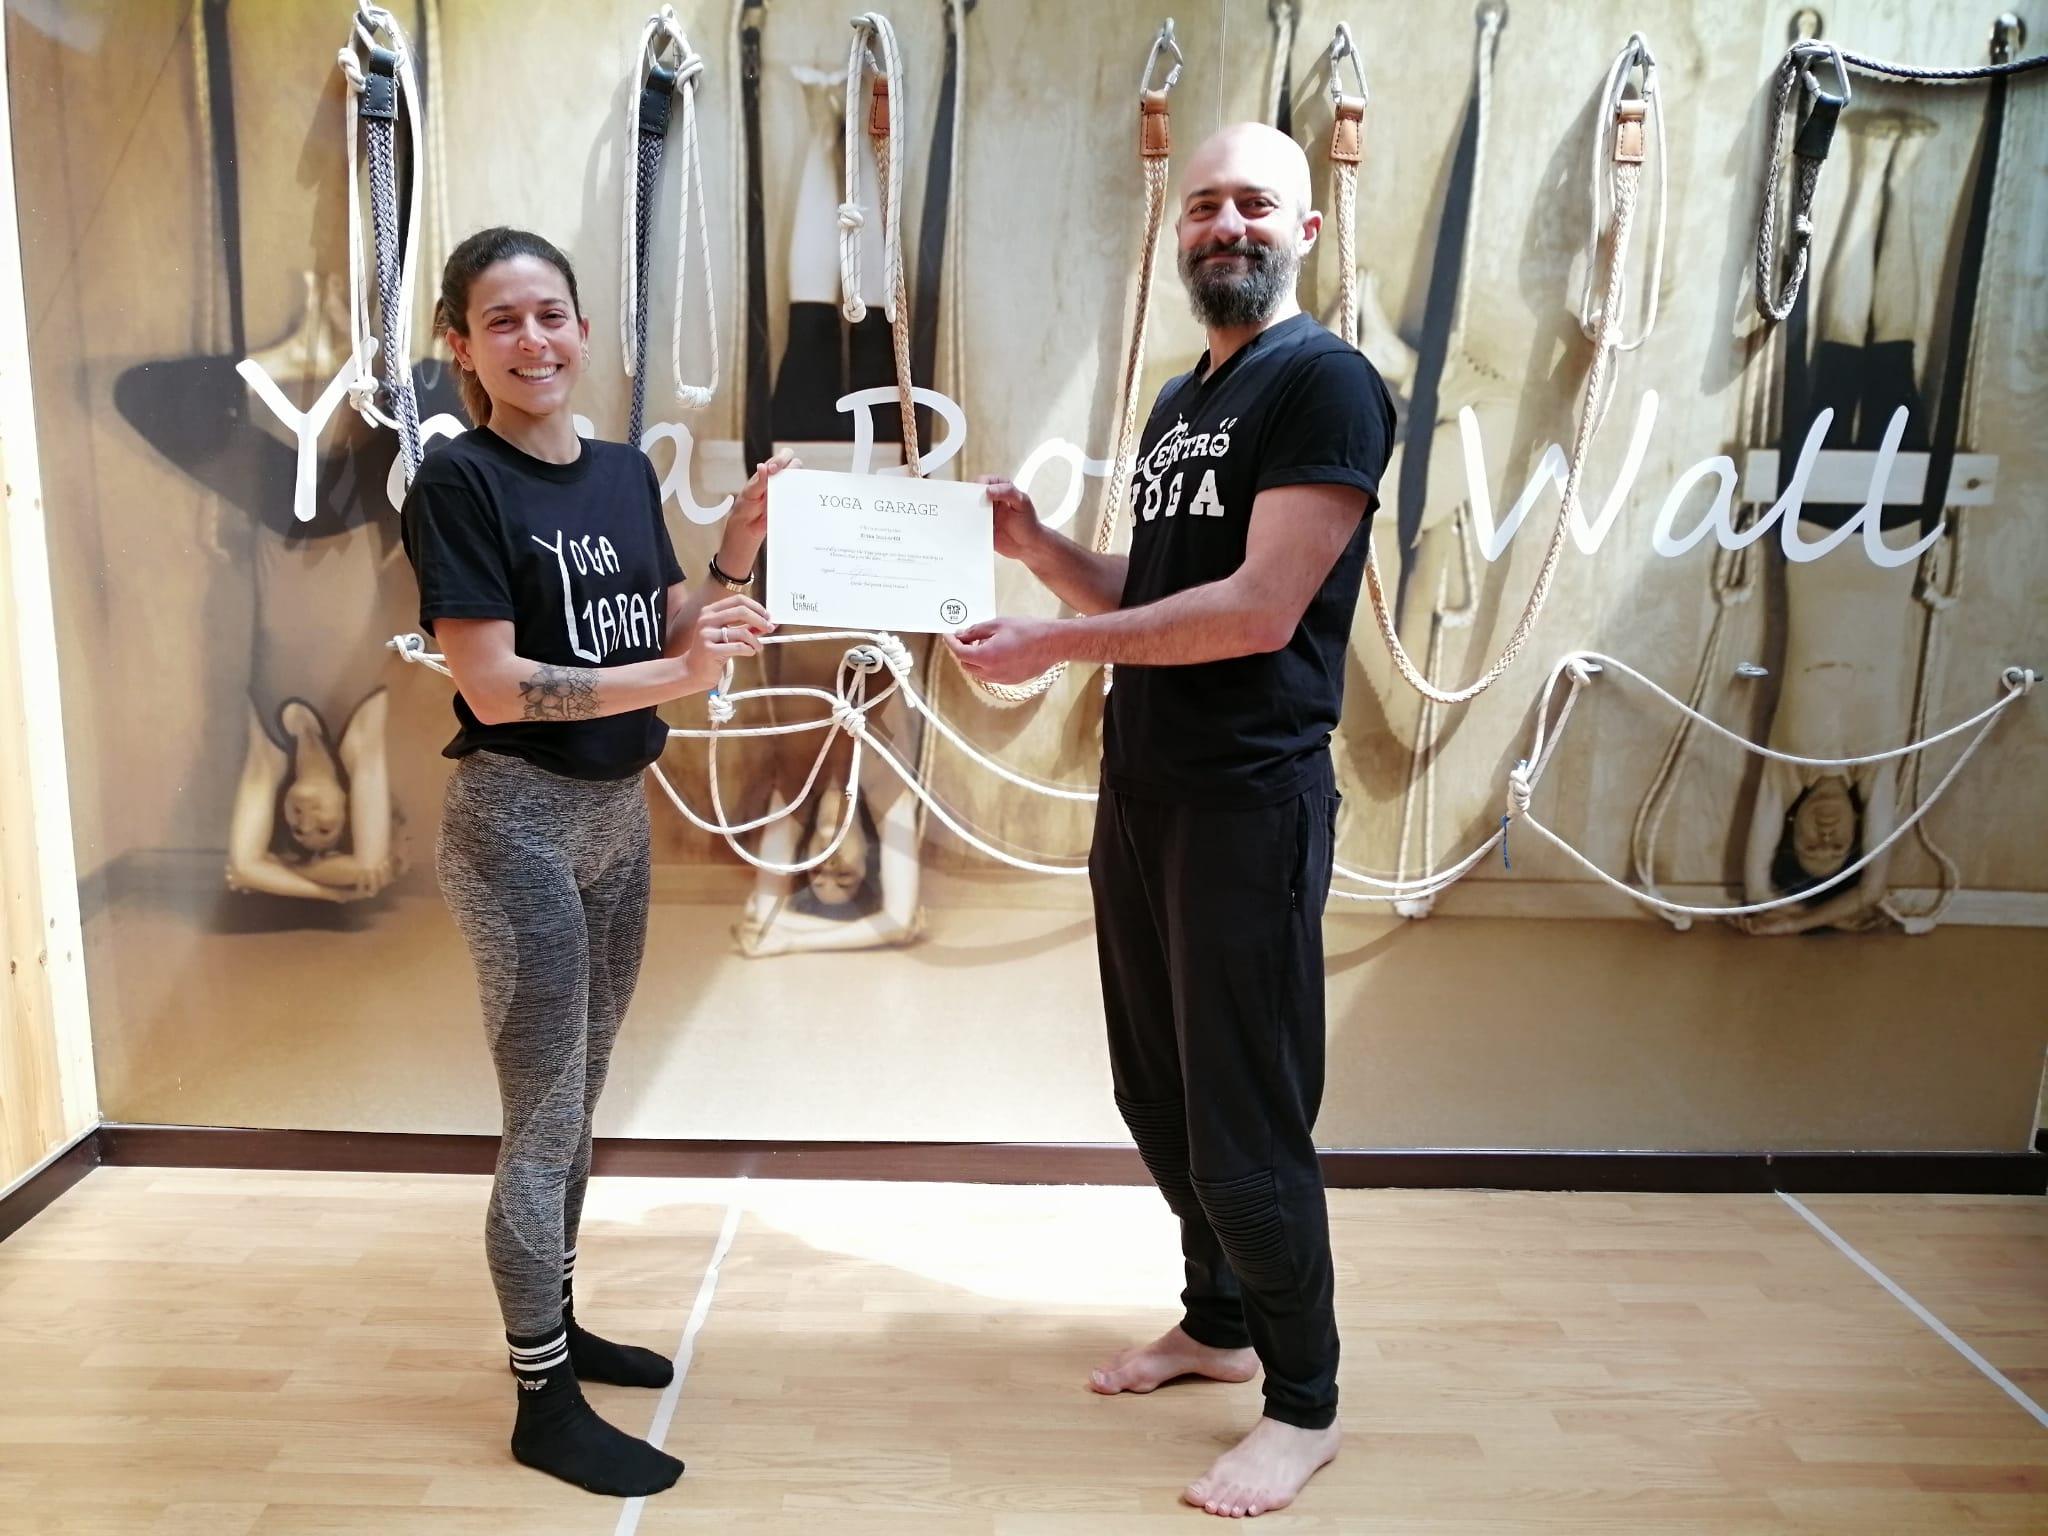 formazione insegnanti yoga diventa insegnante di yoga associazione il centro 4.0 viareggio